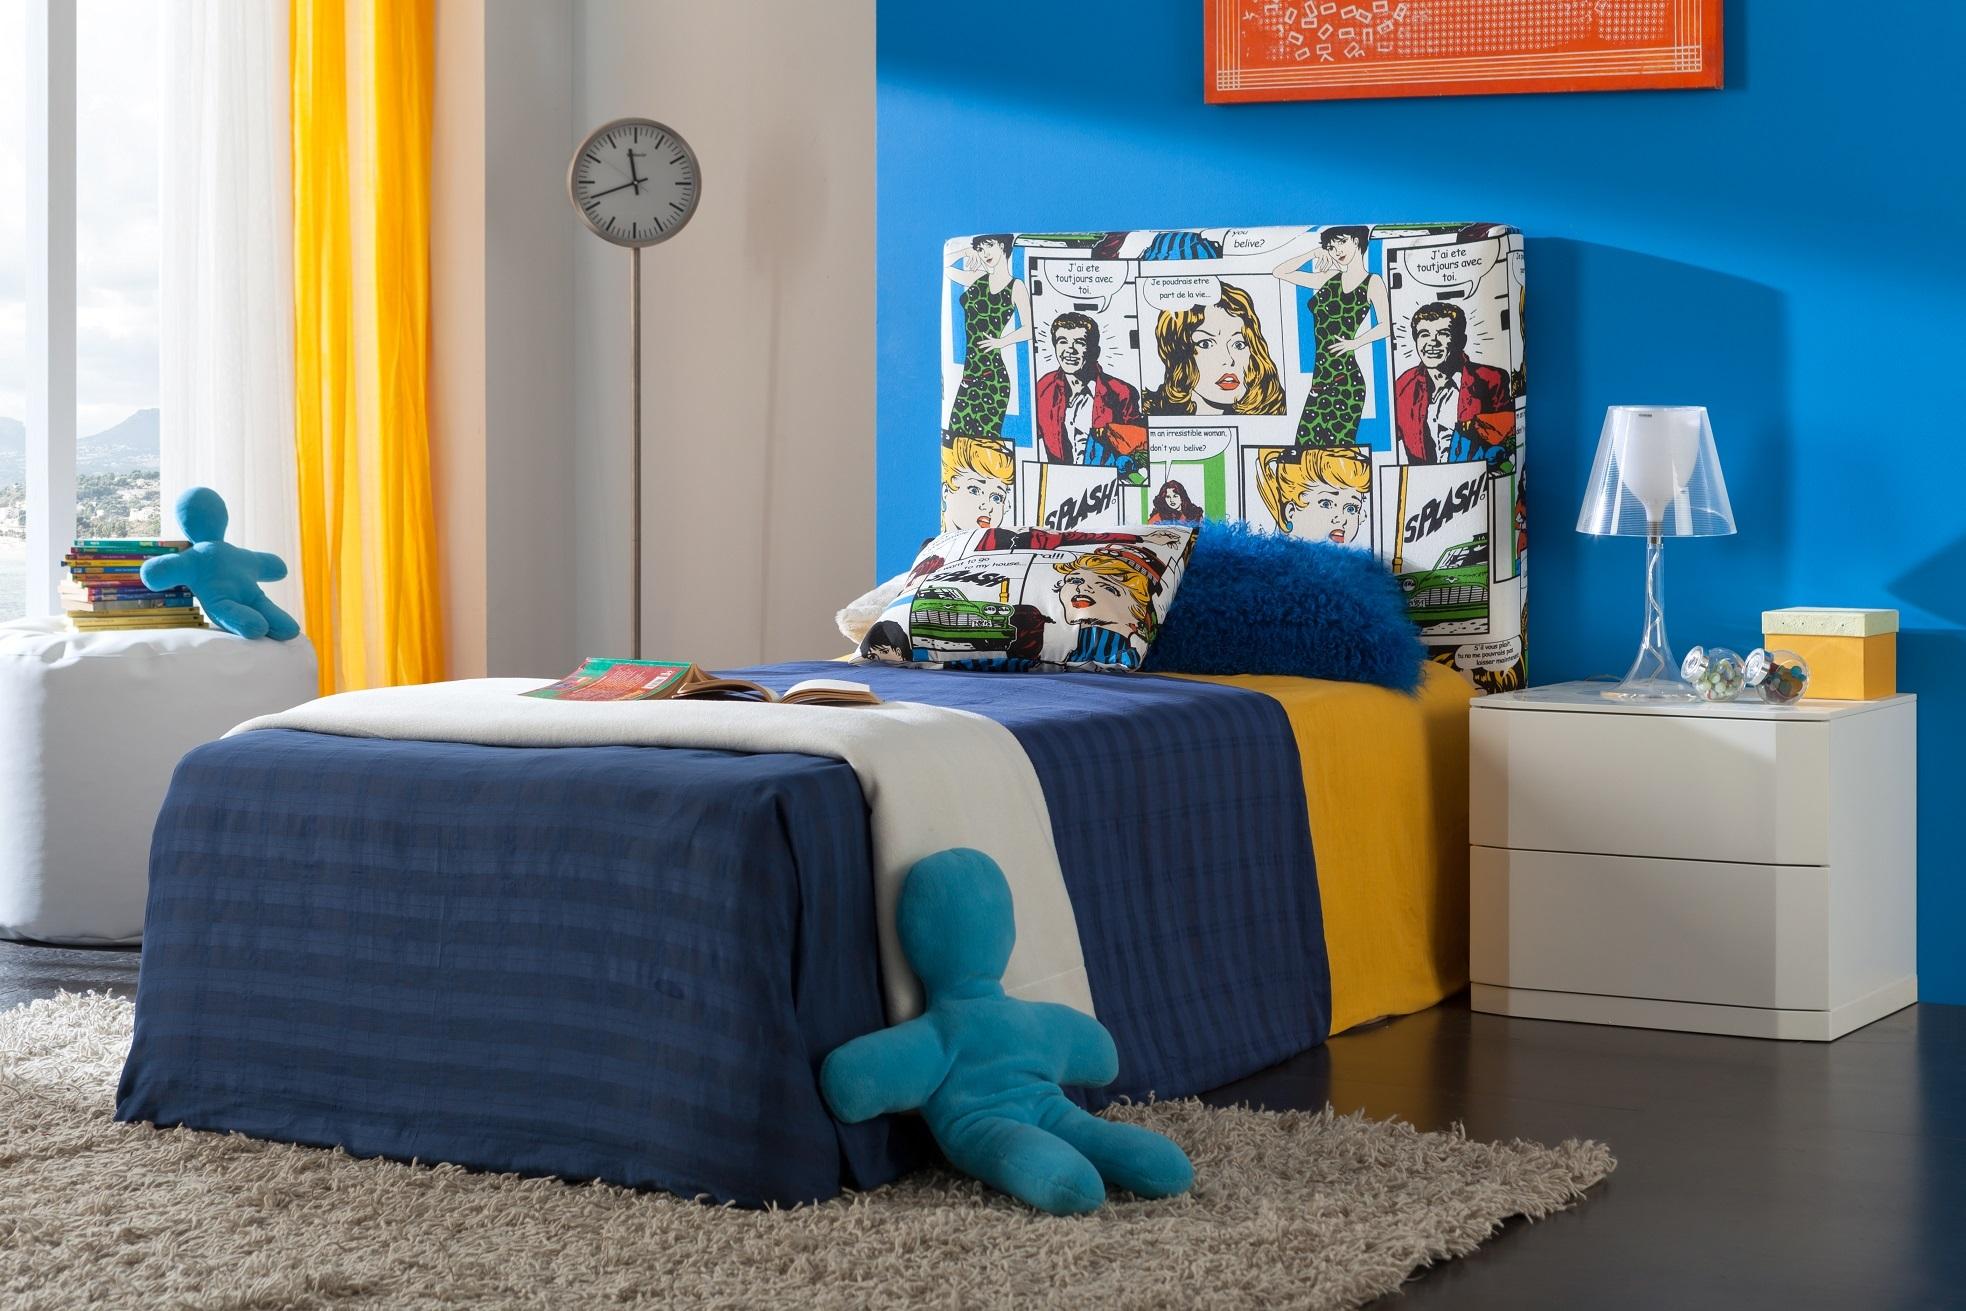 Кровать Dupen (Дюпен) 702 COMIC и Тумба DUPEN m-102